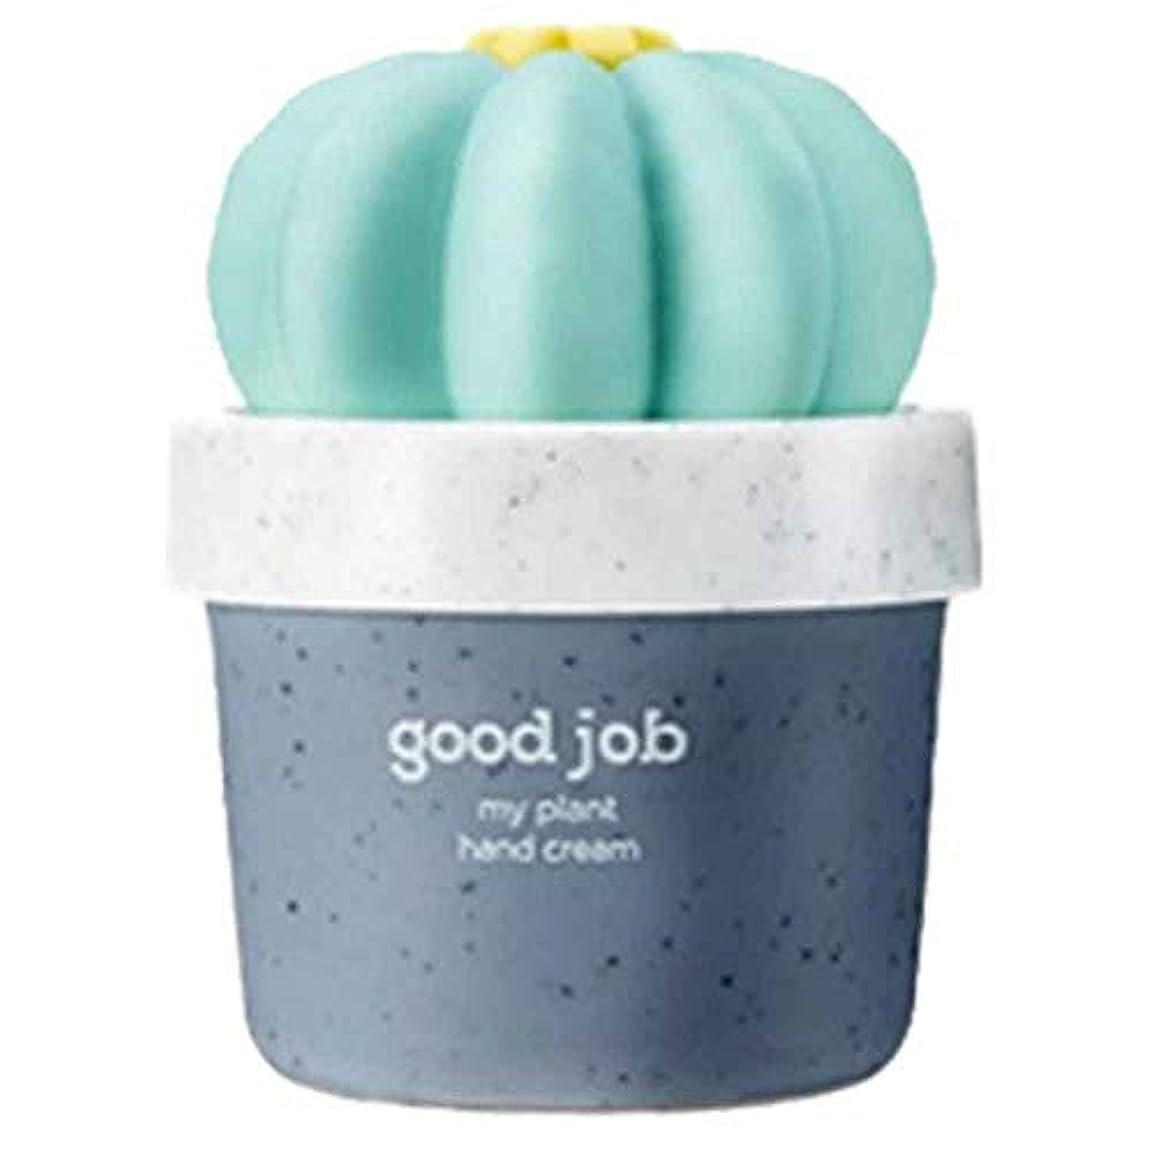 教育する適用するの[THE FACE SHOP] ザフェイスショップ ミニサボテン 鉢植えハンドクリーム #02 Good Job 30ml